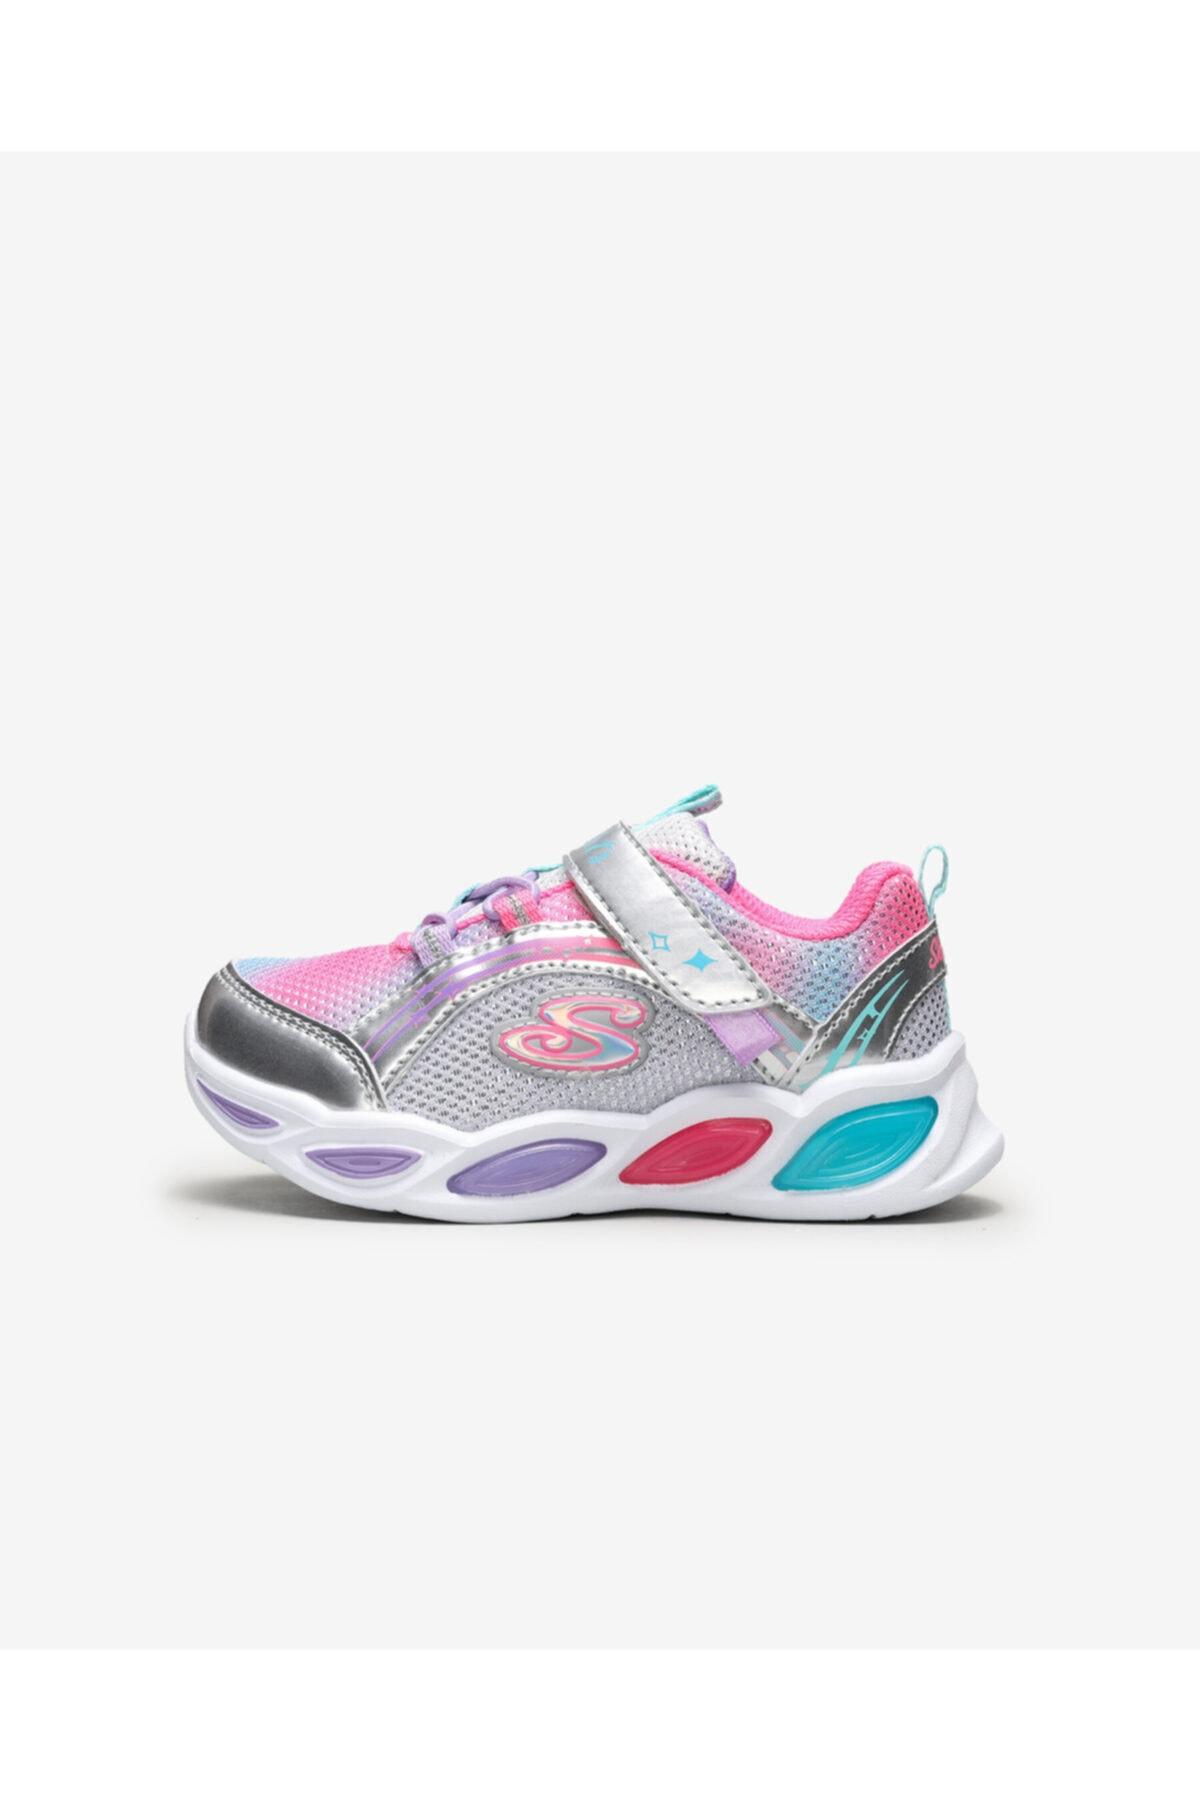 SKECHERS SHIMMER BEAMS - Küçük Kız Çocuk Gri Spor Ayakkabı 1